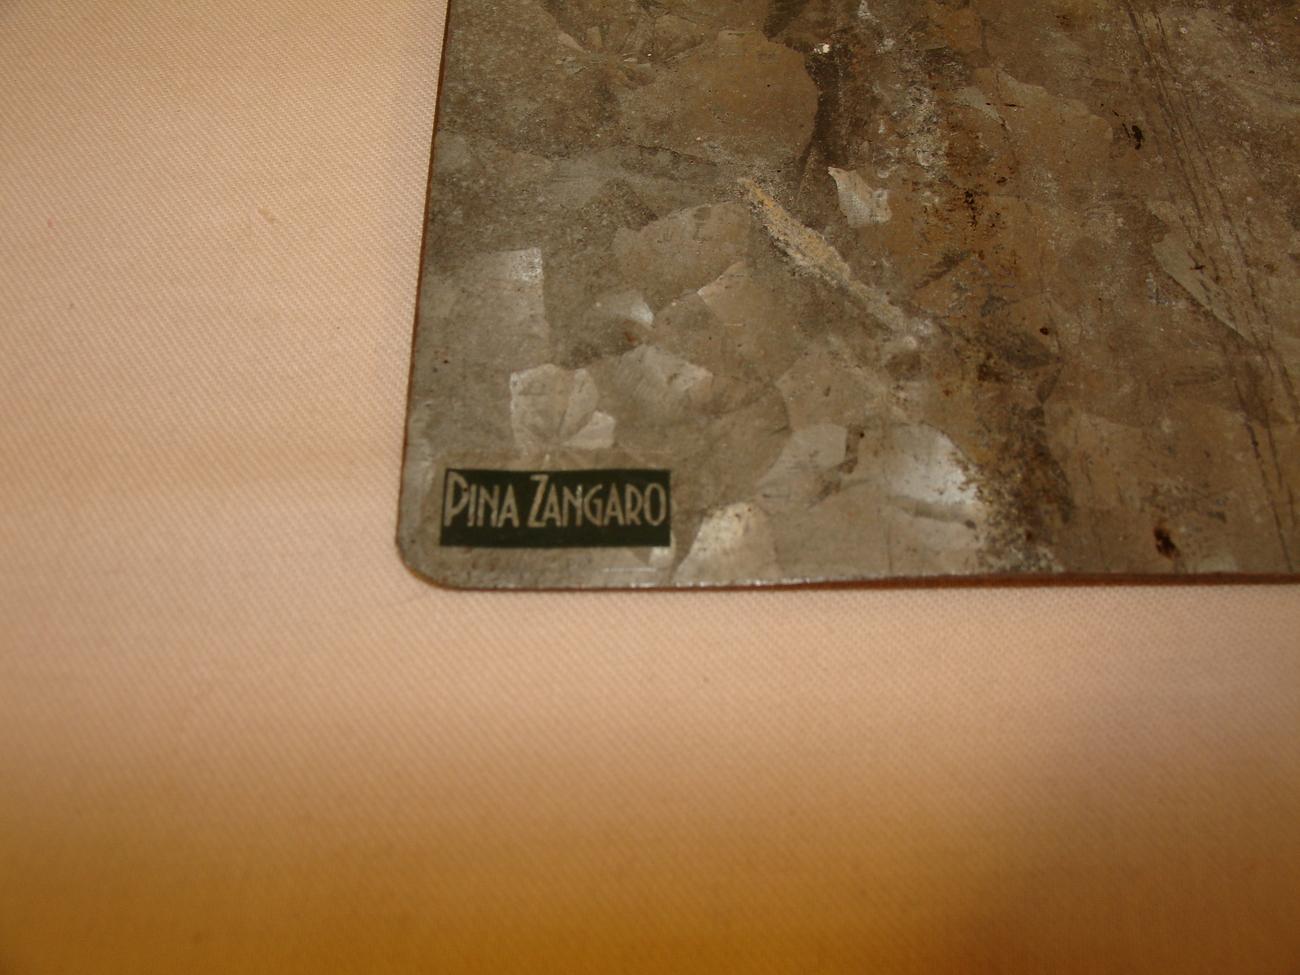 Pina Zangaro Corrugated Galvanized Steel Note Pad Holder